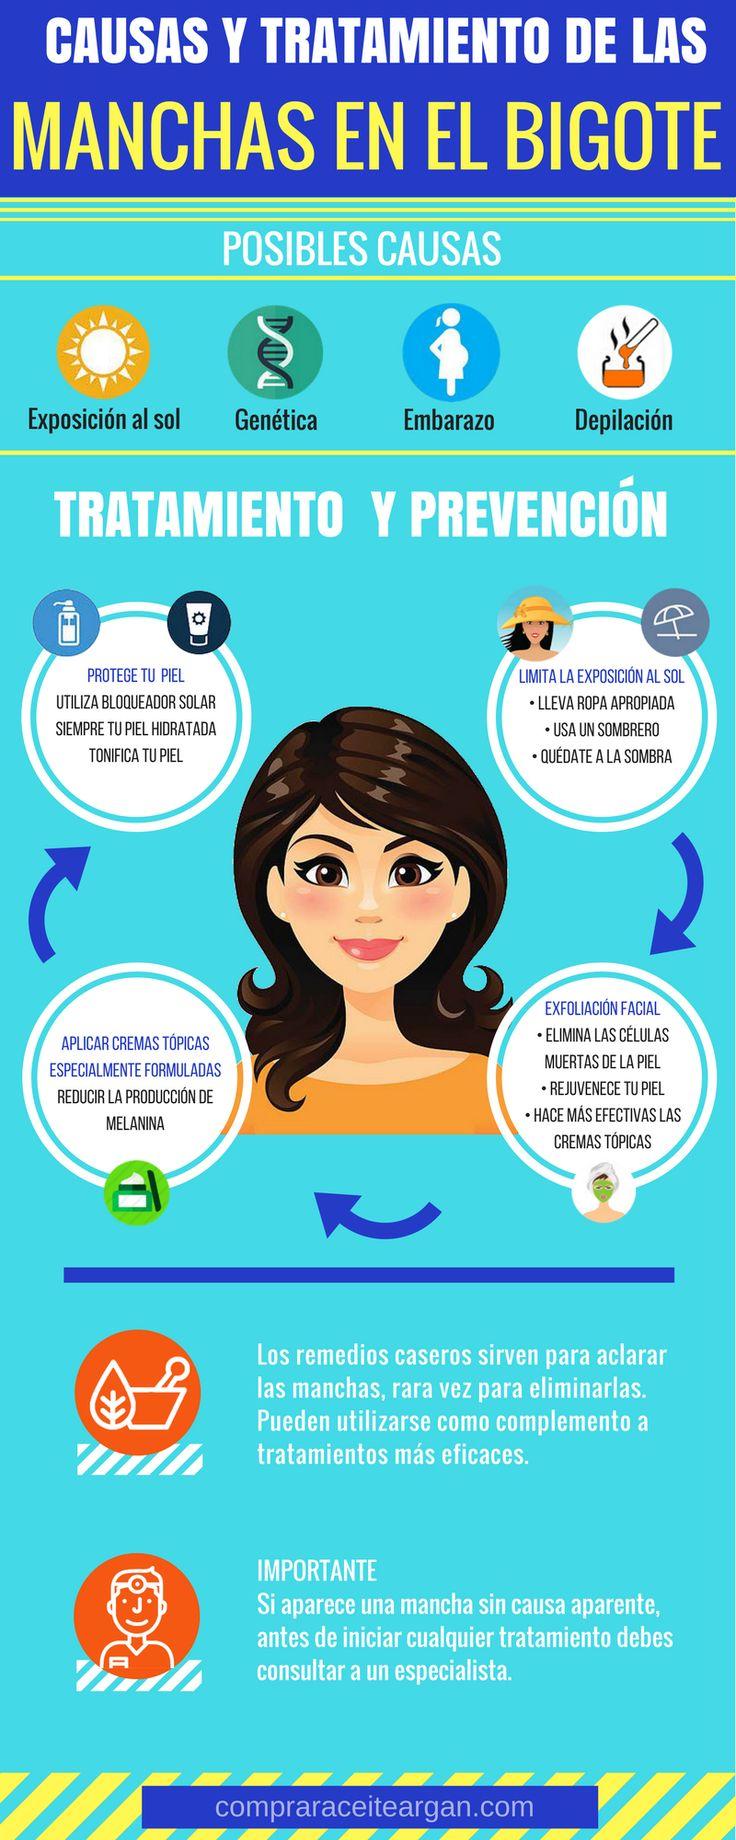 Manchas en el bigote - Causas, tratamiento y prevención.  #Infografias #Belleza